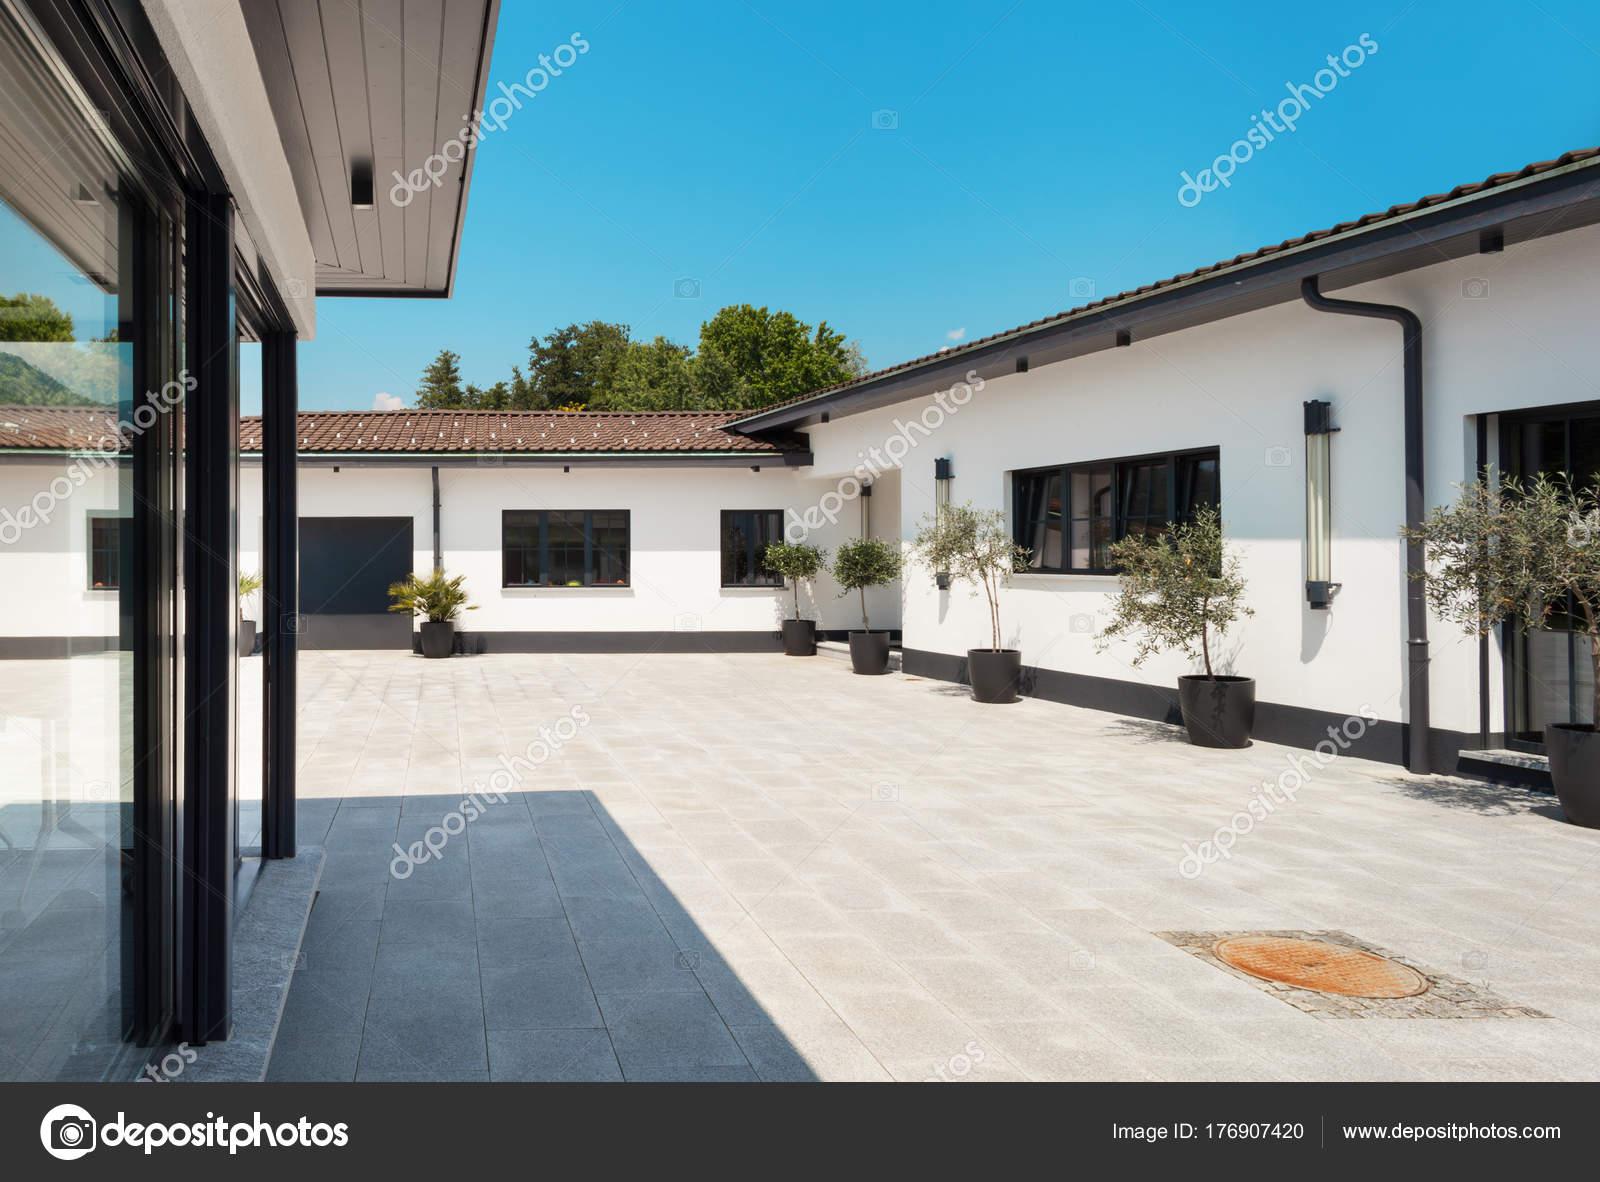 Maison blanche à lextérieur façade vue depuis la cour image de zveiger